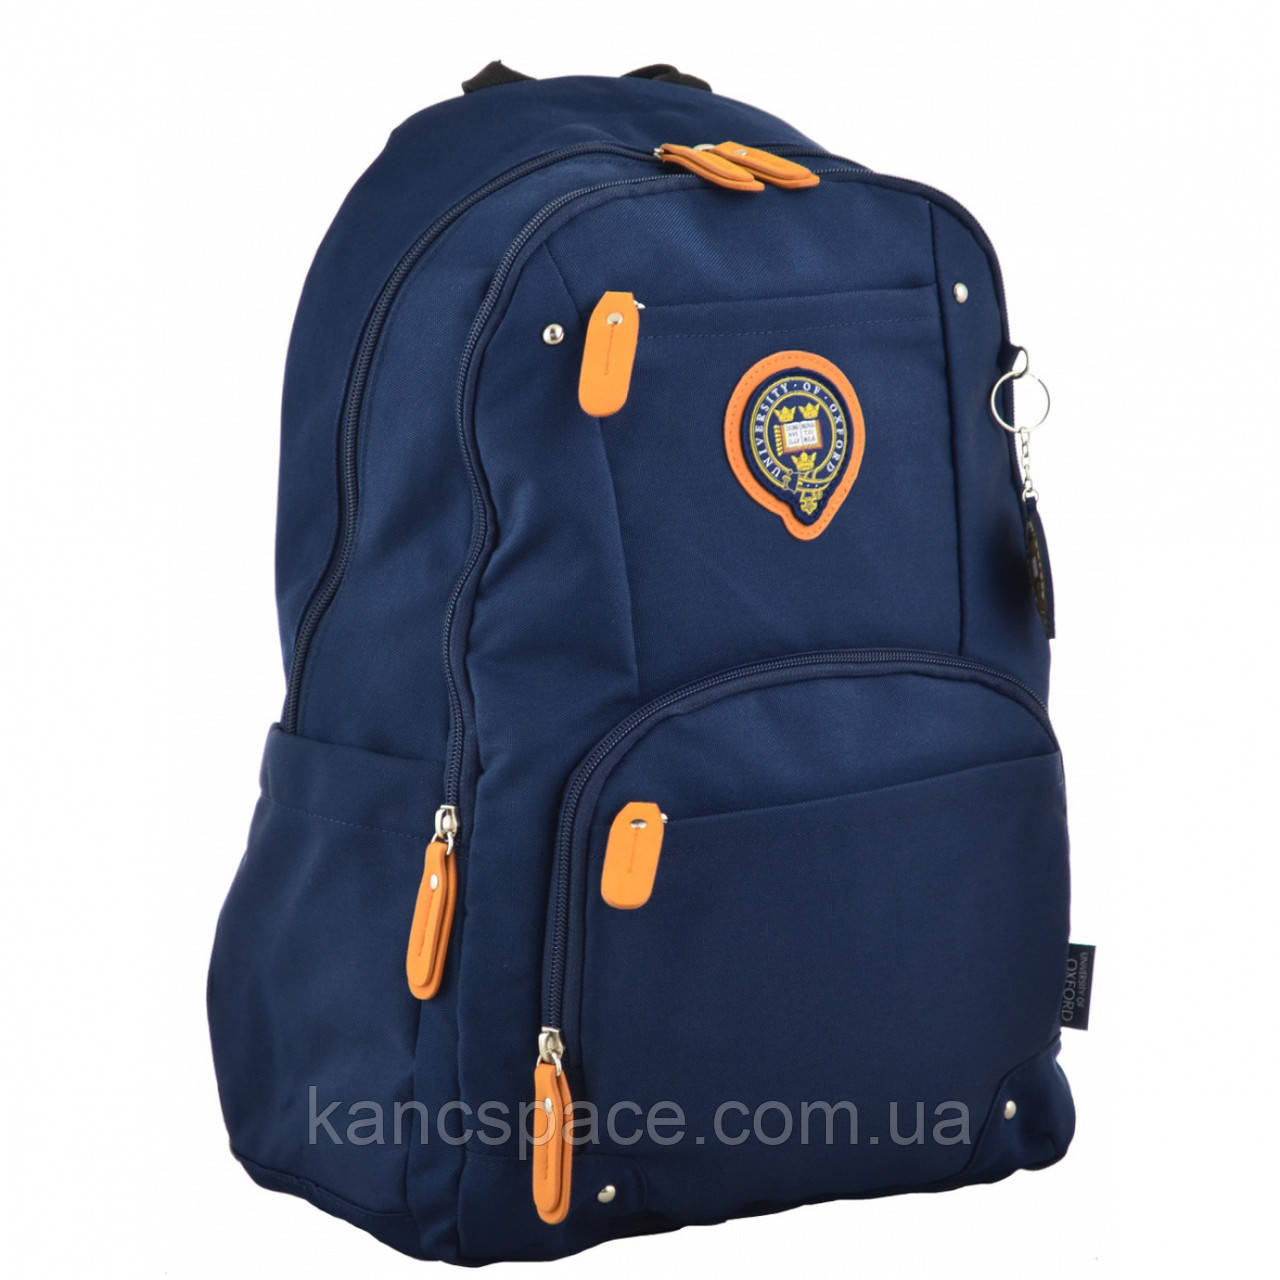 Рюкзак молодіжний OX 347, 45*29.5*14, синiй